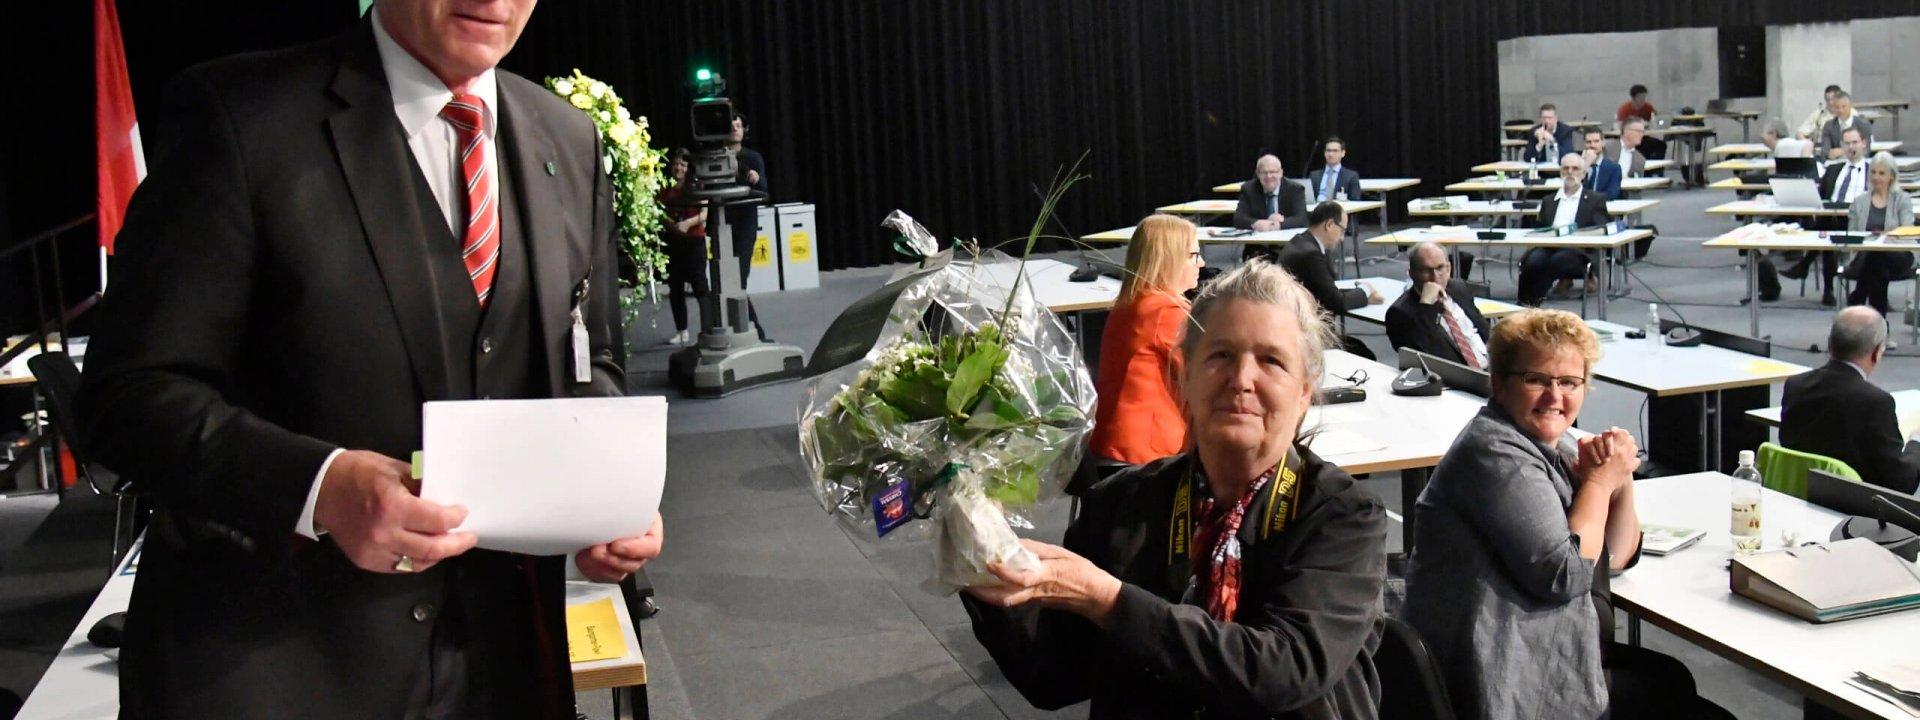 Kantonsratssession  20. Mai 2020  Verabschiedung  Regina Kühne